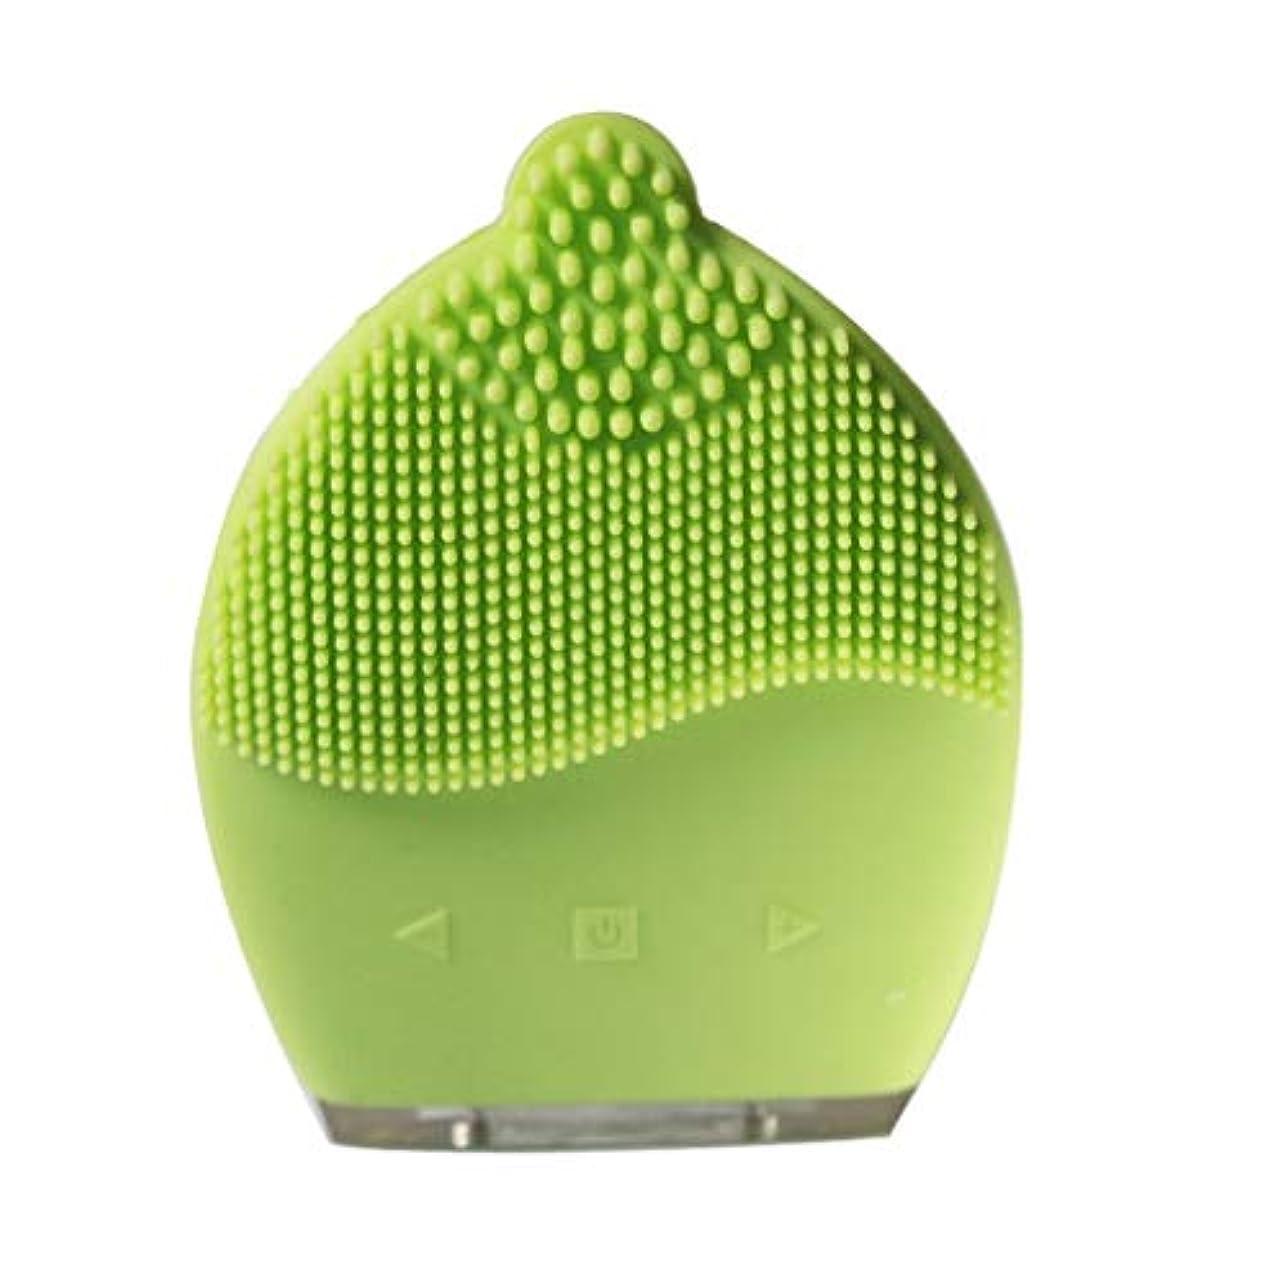 不快肘偉業電気シリコーンクレンジング器具、USBフェイシャルシリコーンポータブルフェイシャルマッサージャーディープエクスフォリエイティングジェントル&ディープクレンジングフェイシャル (Color : Green)